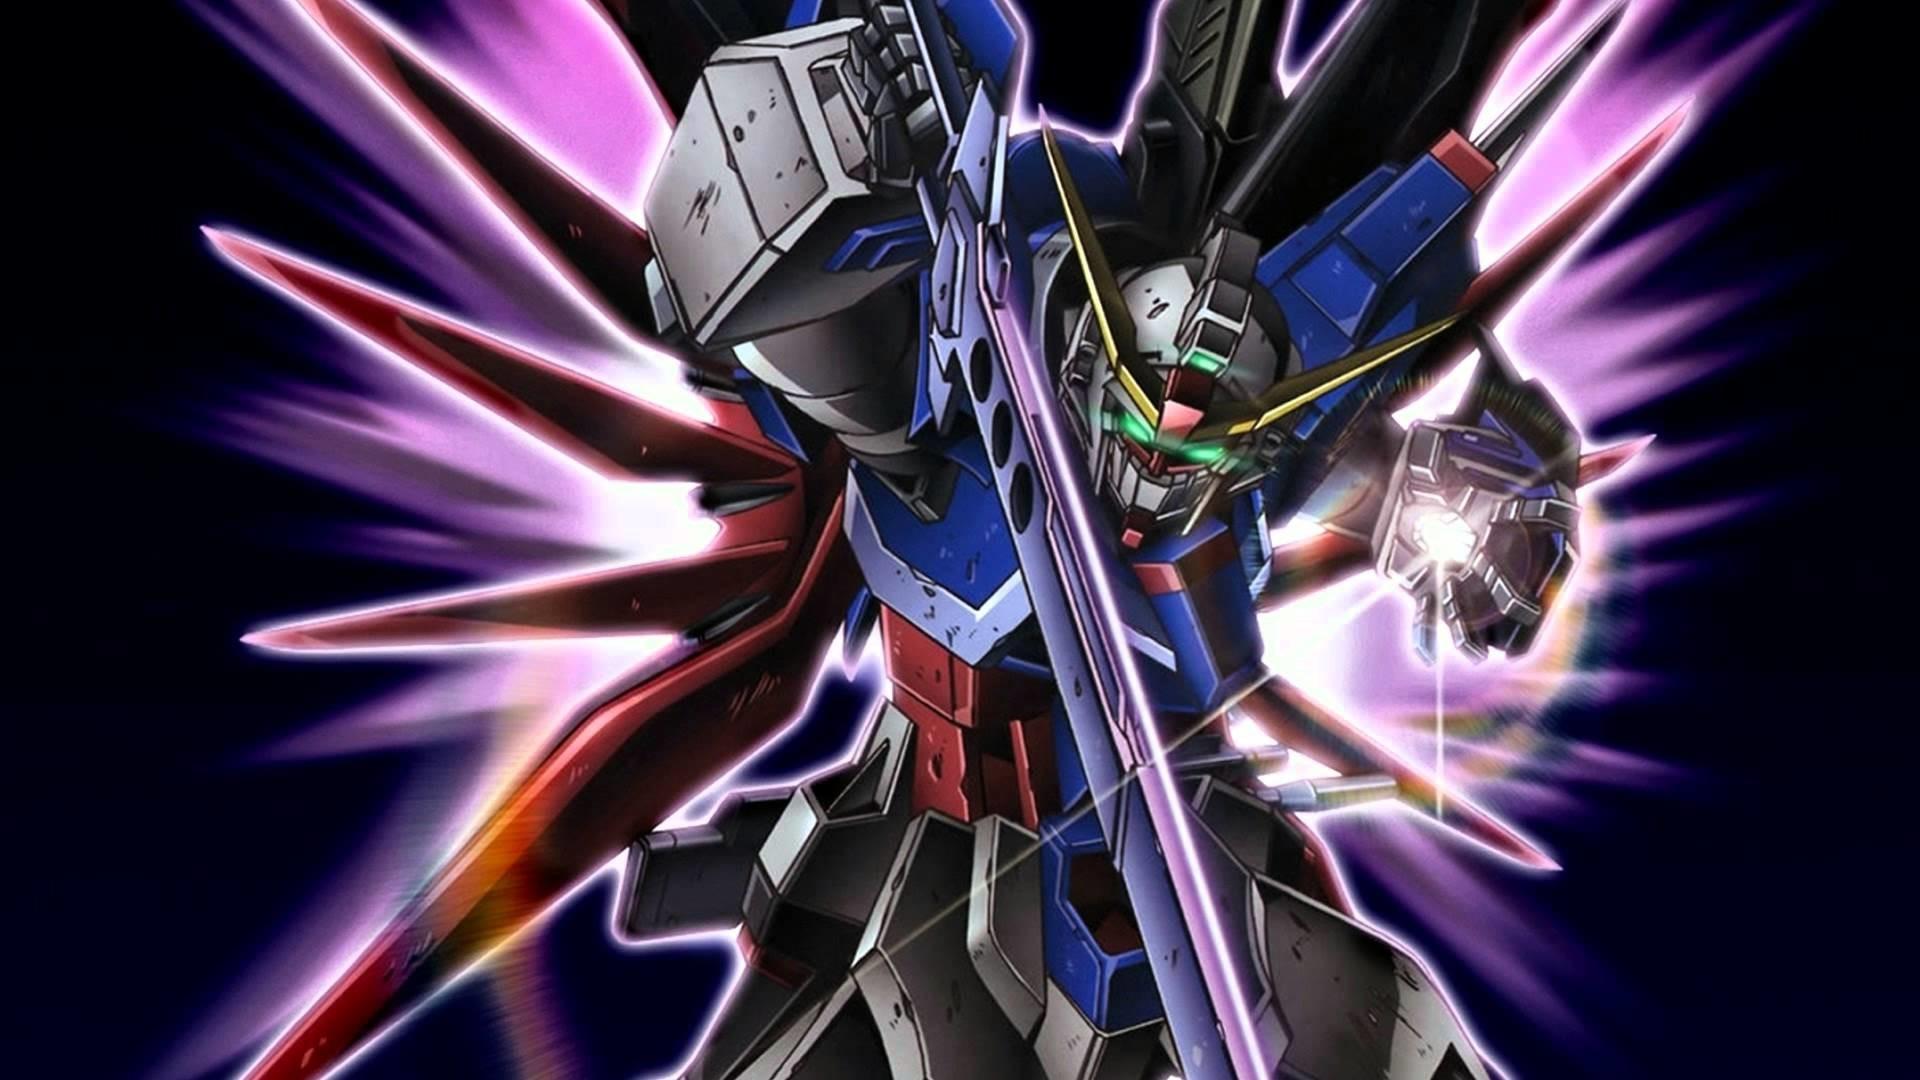 Gundam Seed Destiny Wallpaper 1920x1080 Gundam Wallpaper 1920x1080